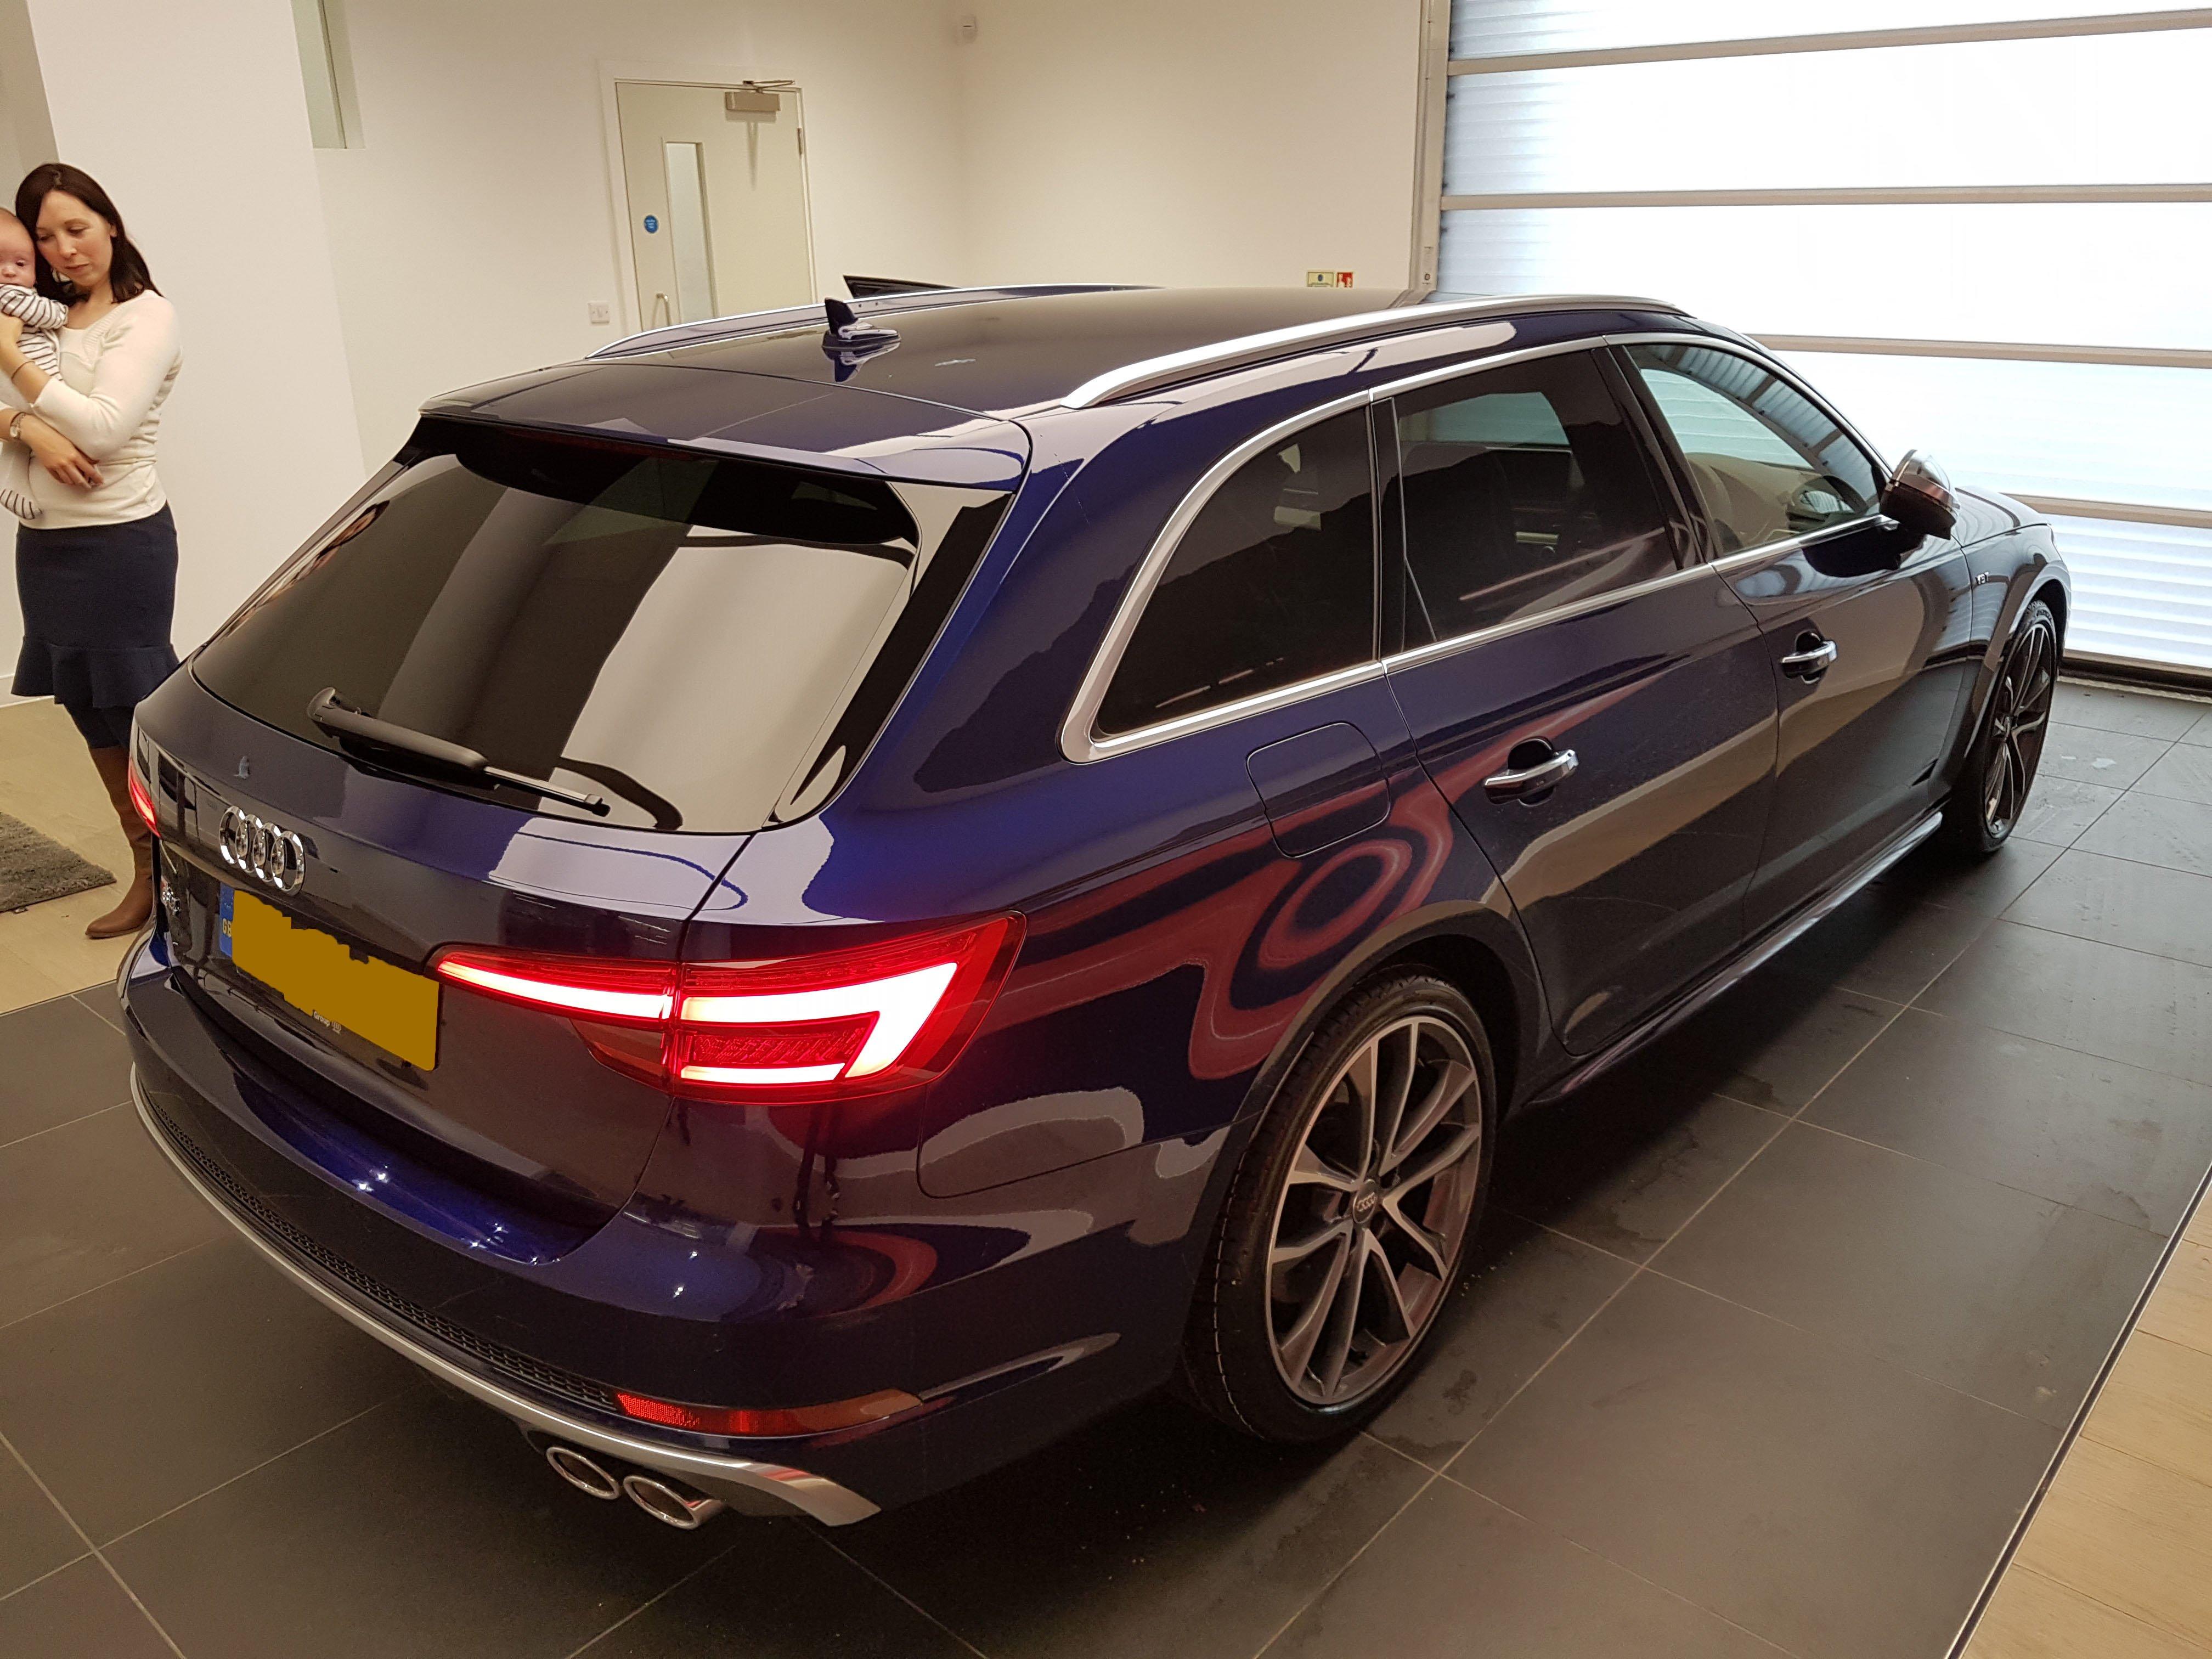 Brassos B S Avant Thread AudiSportnet - Audi s4 avant